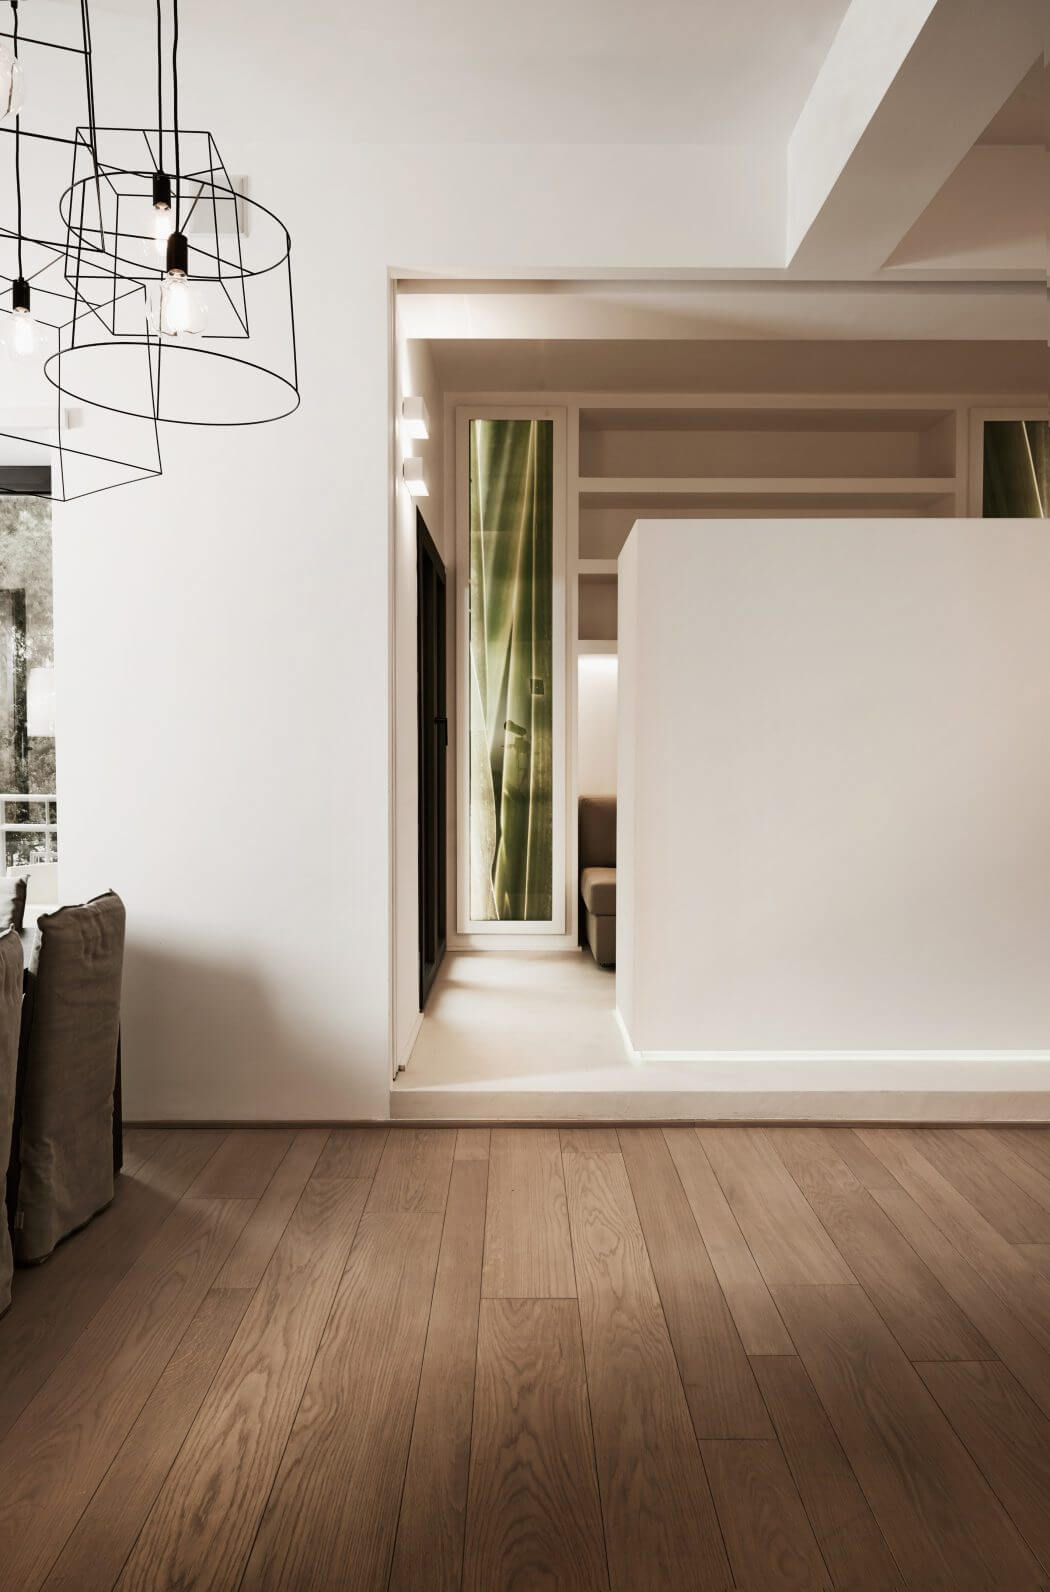 009-apartment-carola-vannini-1050x1592